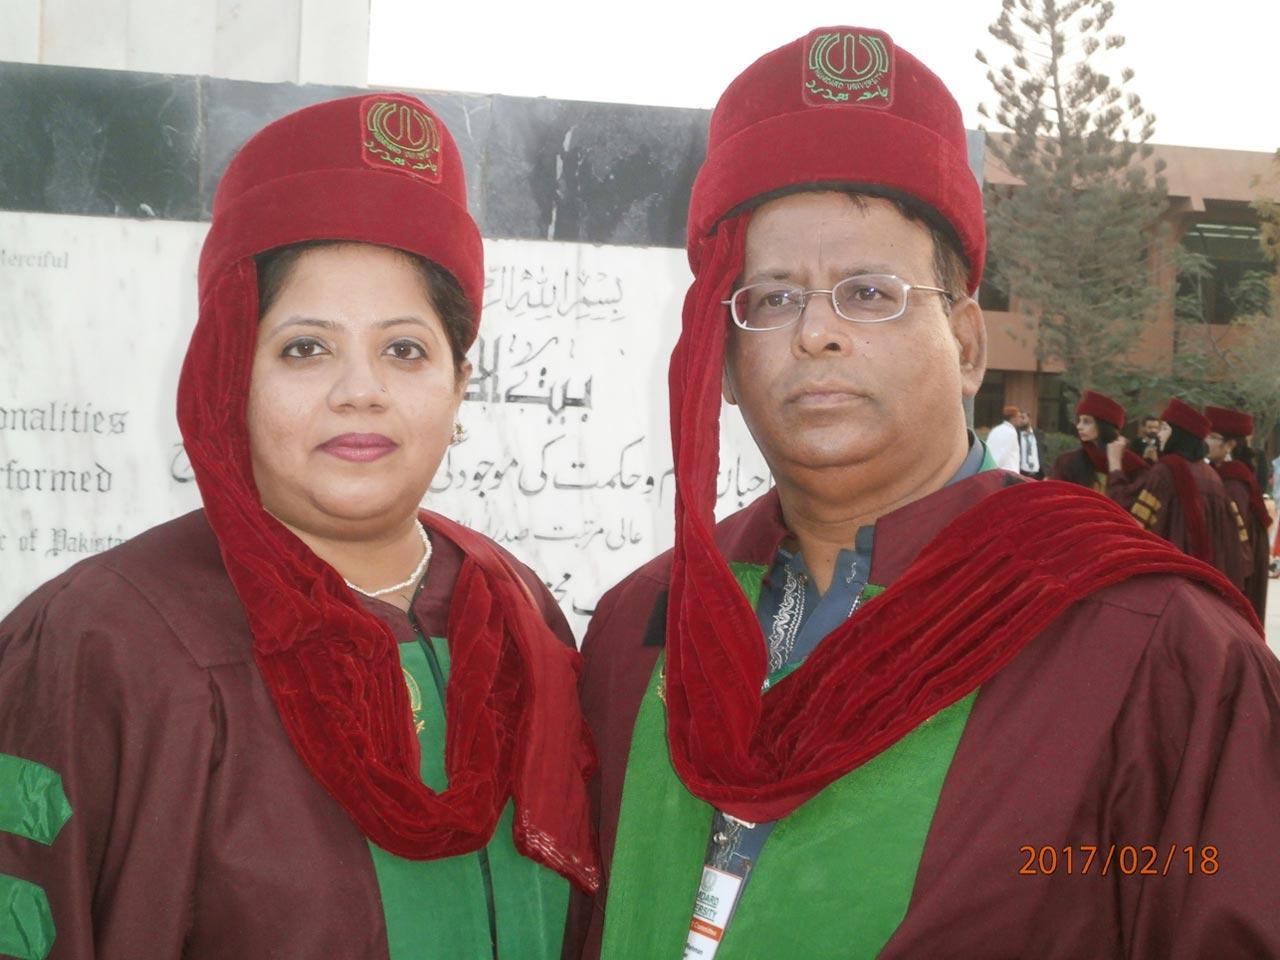 Dr. Kiran A. Rehman and Dr. Ata Ur Rehman